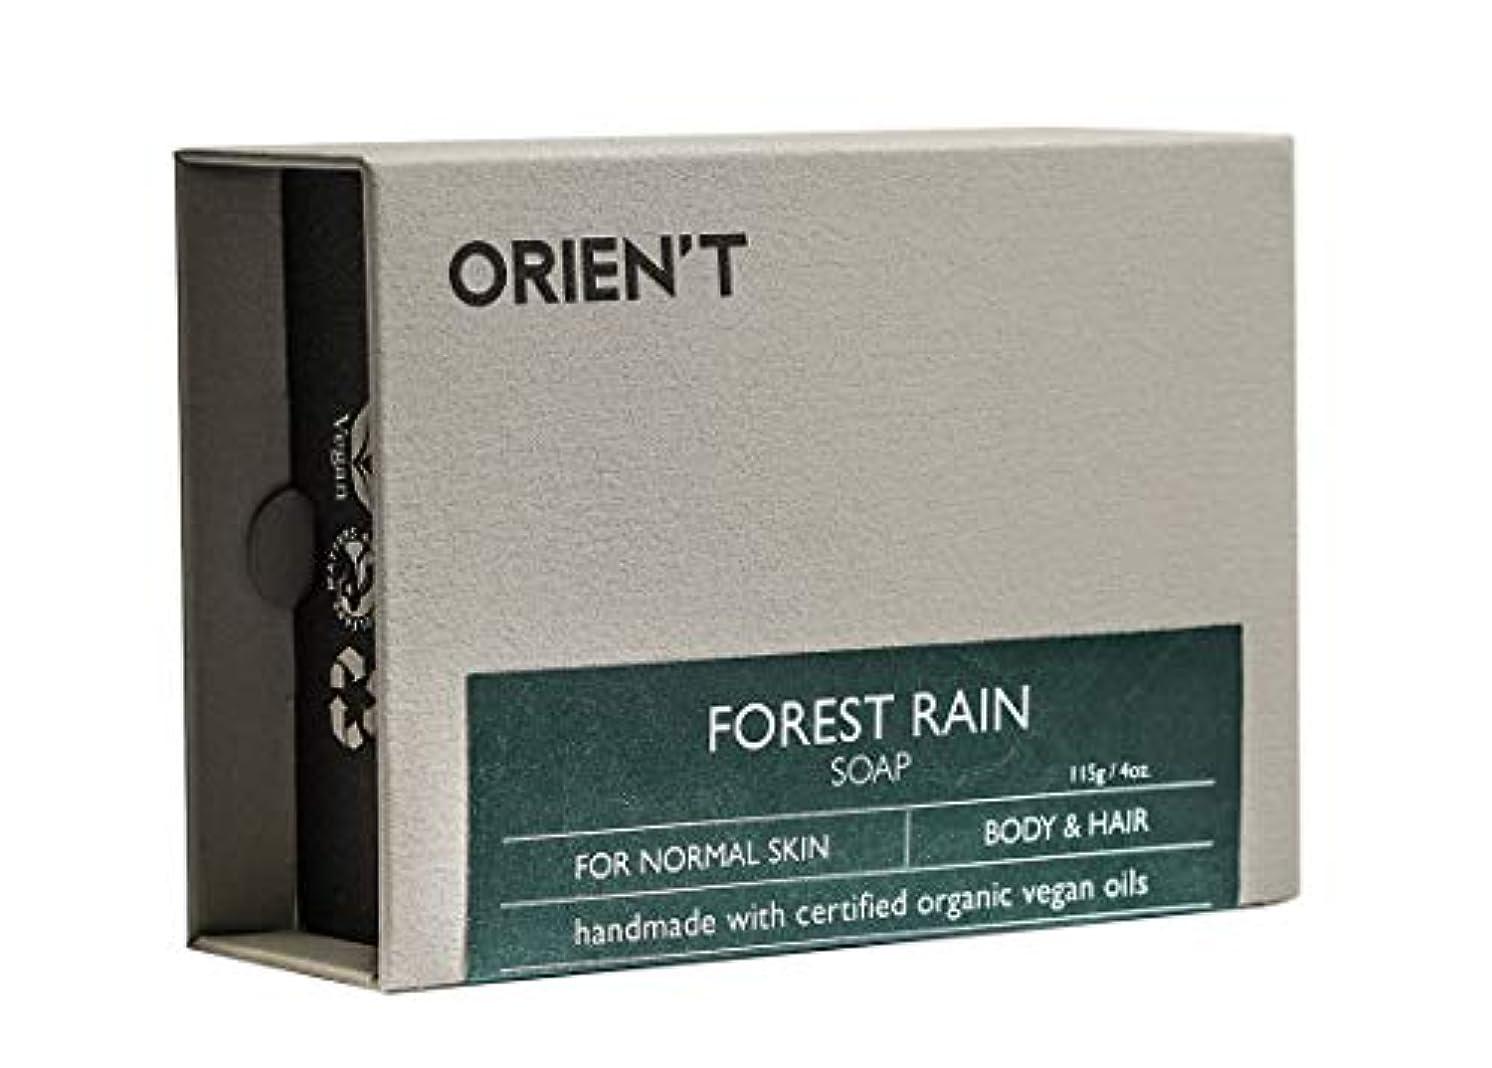 サイトラインメッセージ野な【 ORIEN'T Forest Rain Soap 】「霖」手工皂、ECOCERTオーガニック認定原料